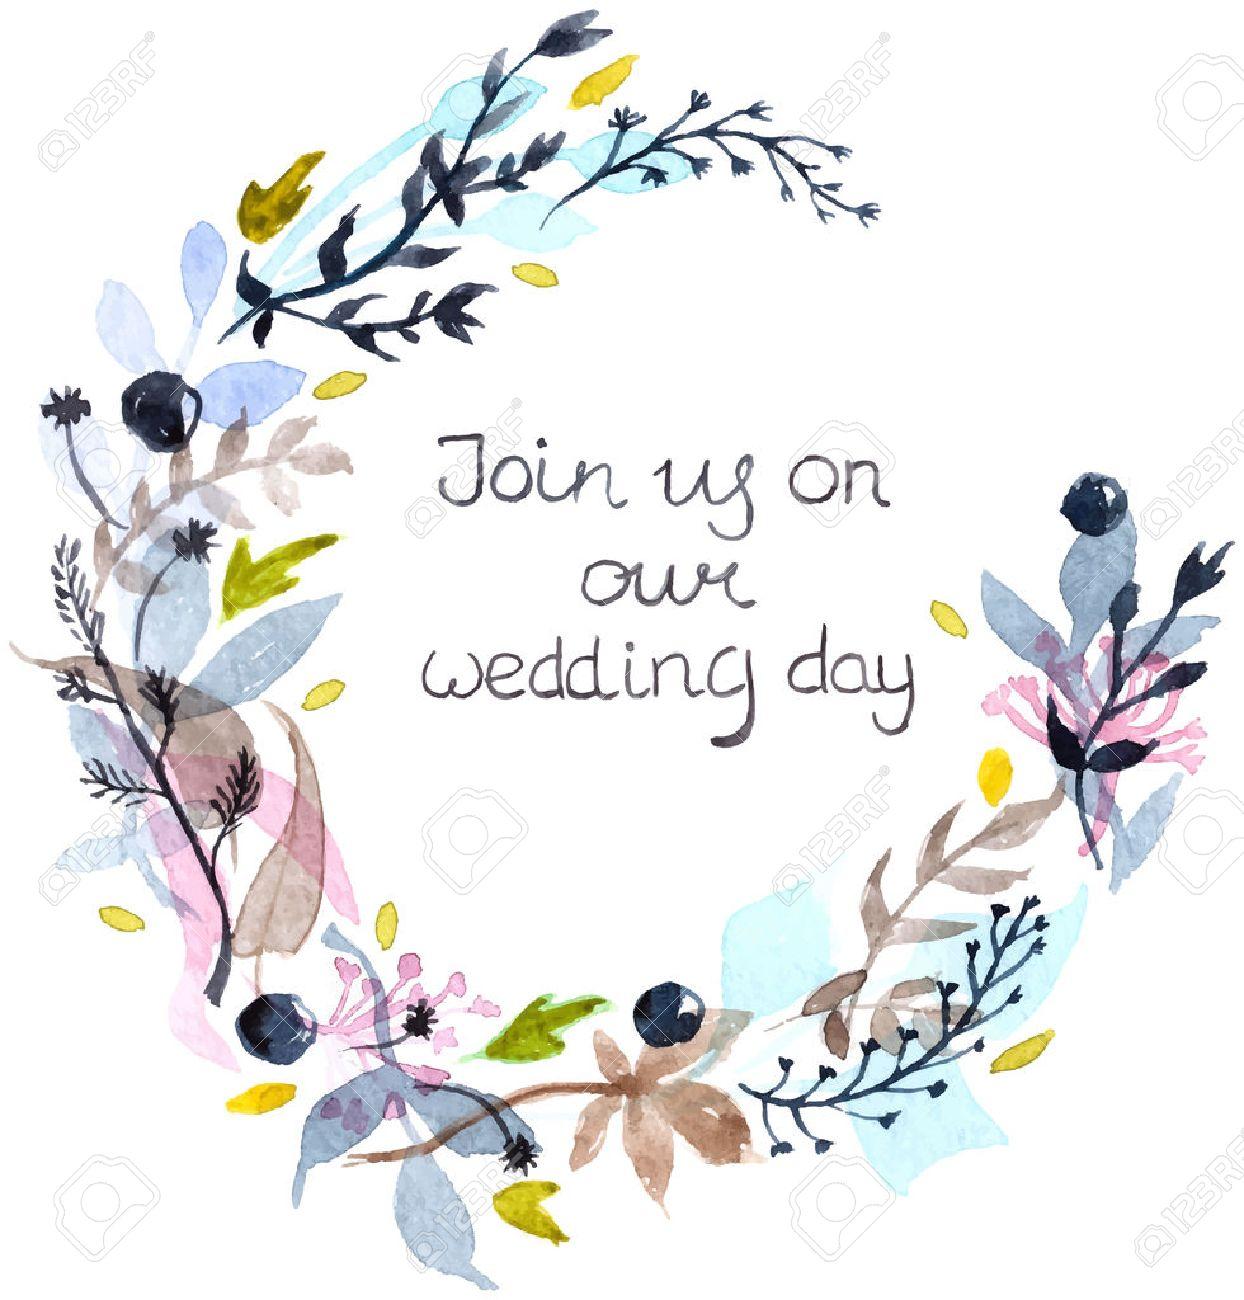 水彩画の花のフレーム結婚式招待状のテキストでカラフルな自然な